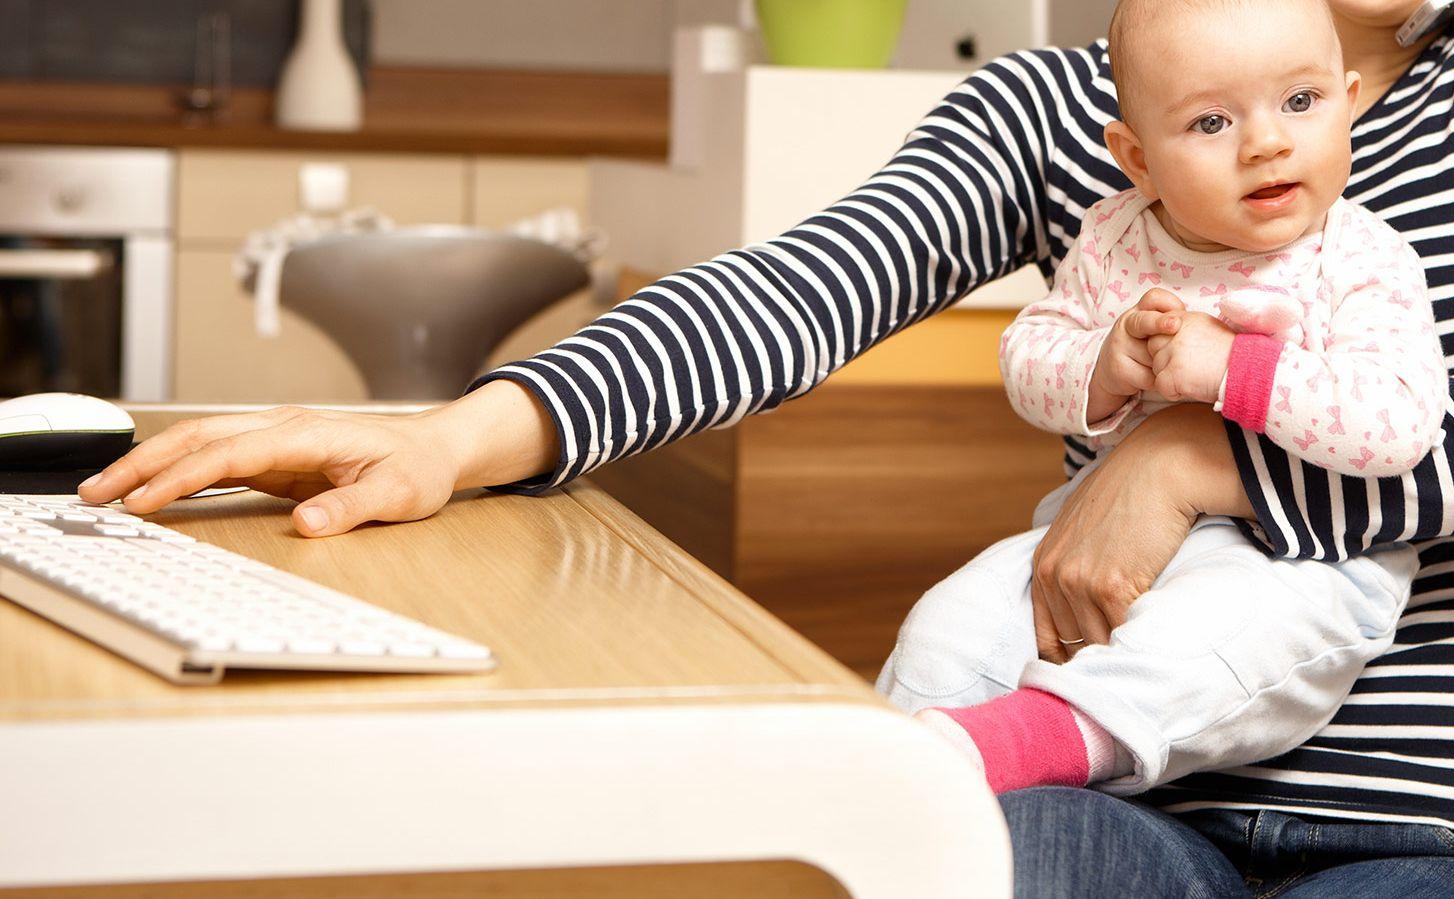 nauka-jak-zrównoważyć-pracę-i-rodzinę-raz-dla-wszystkich-funkcjonalna